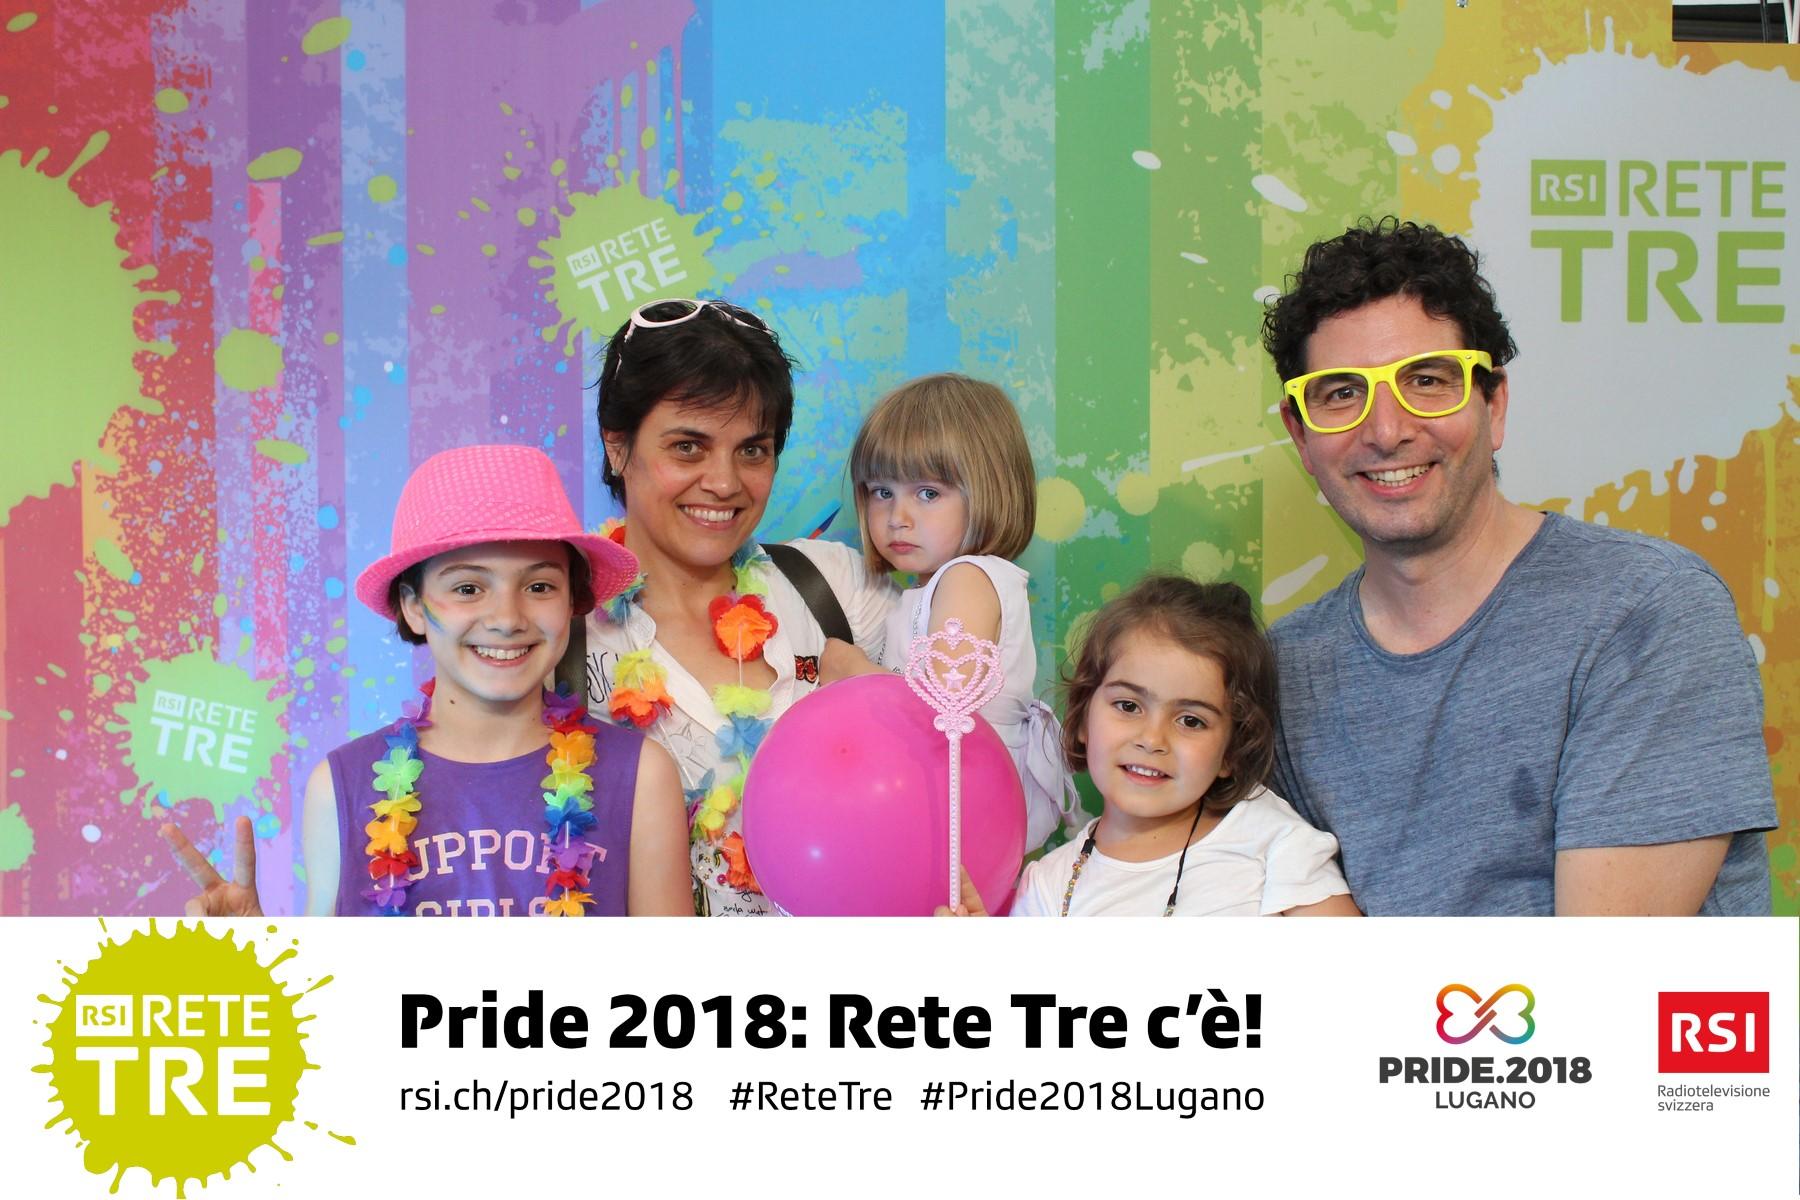 Rivedi tutte le foto scattate da Rete Tre al Pride 2018 su rsi.ch/retetre #RSIReteTre #Pride2018Lugano. Foto: